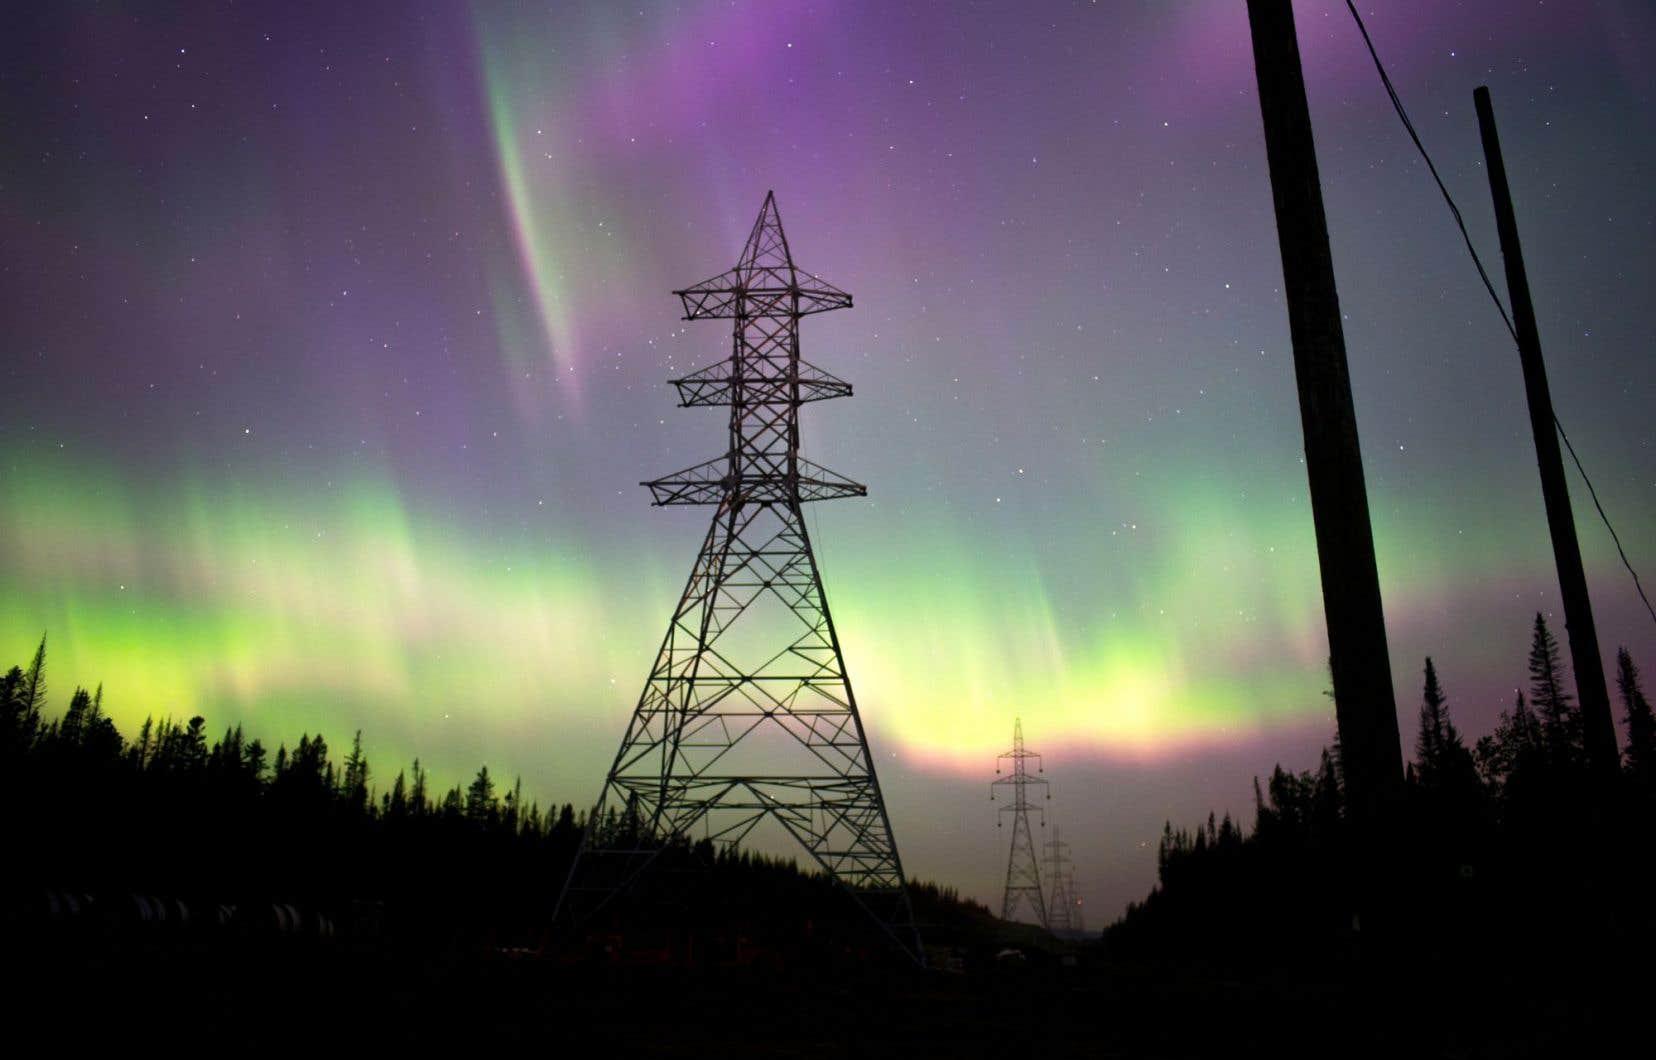 Dans la nuit du 22 au 23 juin dernier, une aurore boréale a enflammé le ciel de la Côte-Nord.